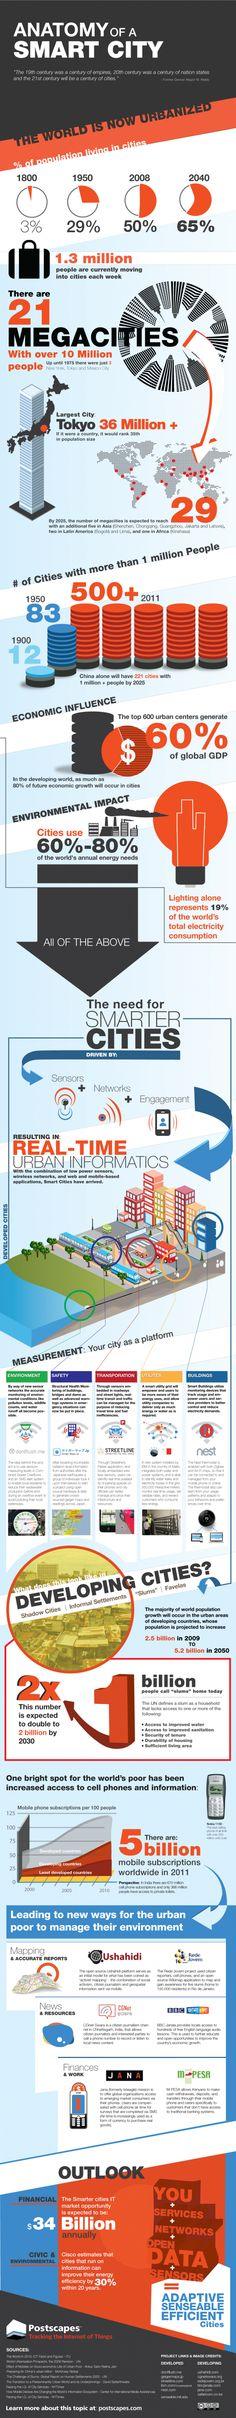 Anatomía de una ciudad inteligente (Anatomy of a smart city). Vivimos en un mundo urbanizado.